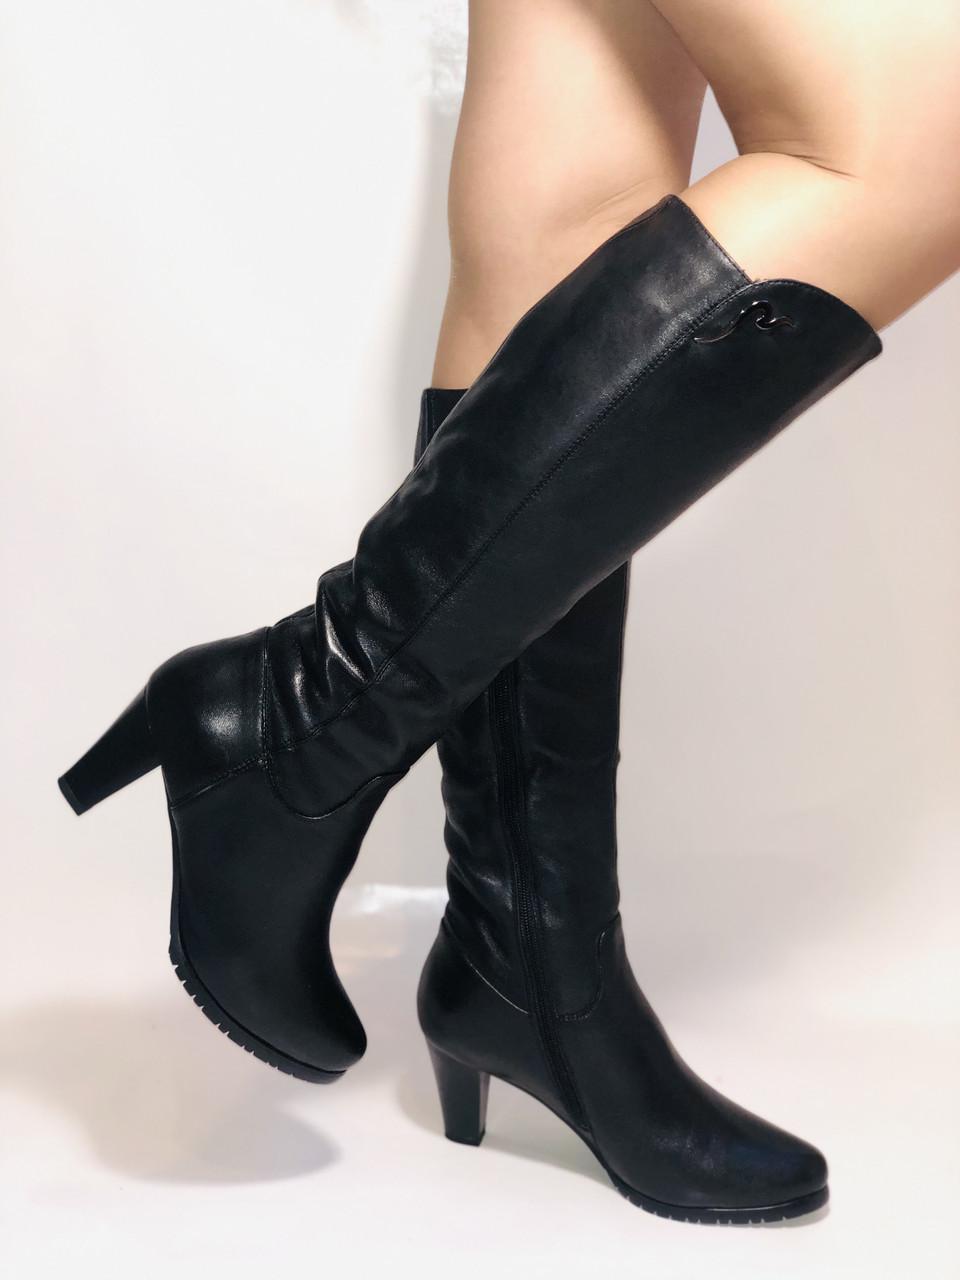 Натуральне хутро. Зимові чоботи на середньому каблуці. Натуральна шкіра. Люкс якість. Molka. Р. 37.38